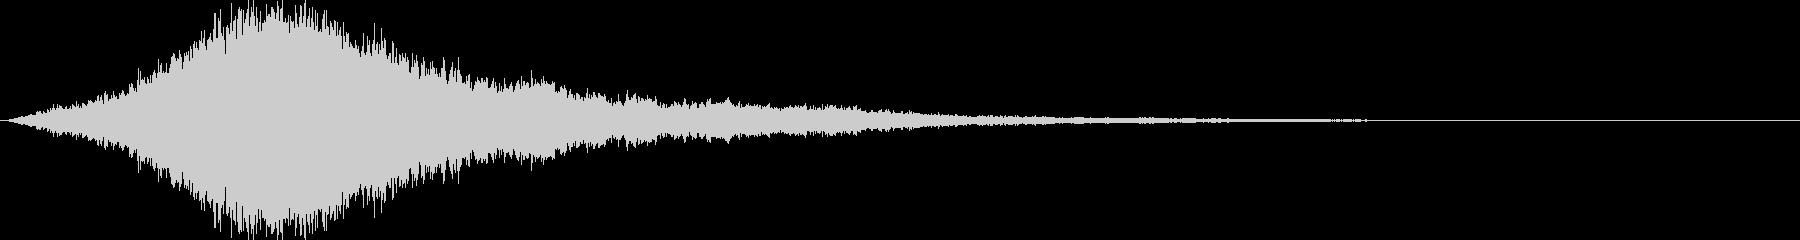 【シンバル音】ホラー系のワンシーンの未再生の波形